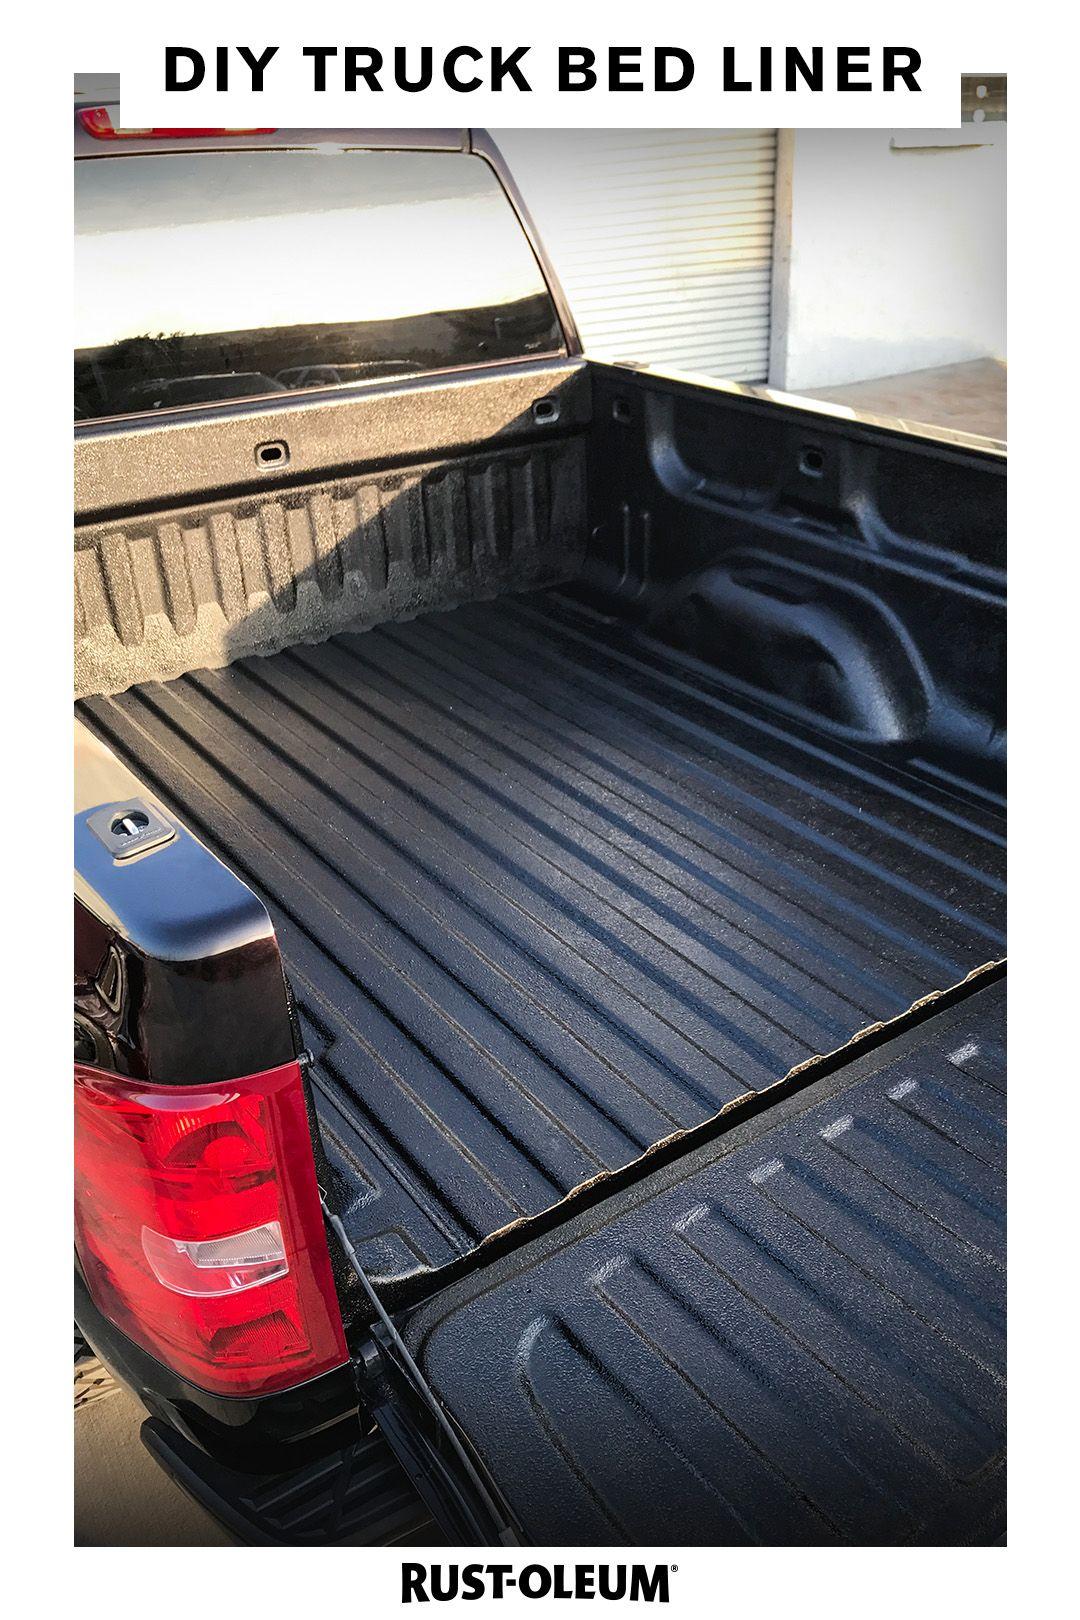 Rustoleum Truck Bed Liner : rustoleum, truck, liner, Truck, Giving, Protection, Needs, Rust-Oleum, Turbo, Spray, Liner,, Bedding,, Liner